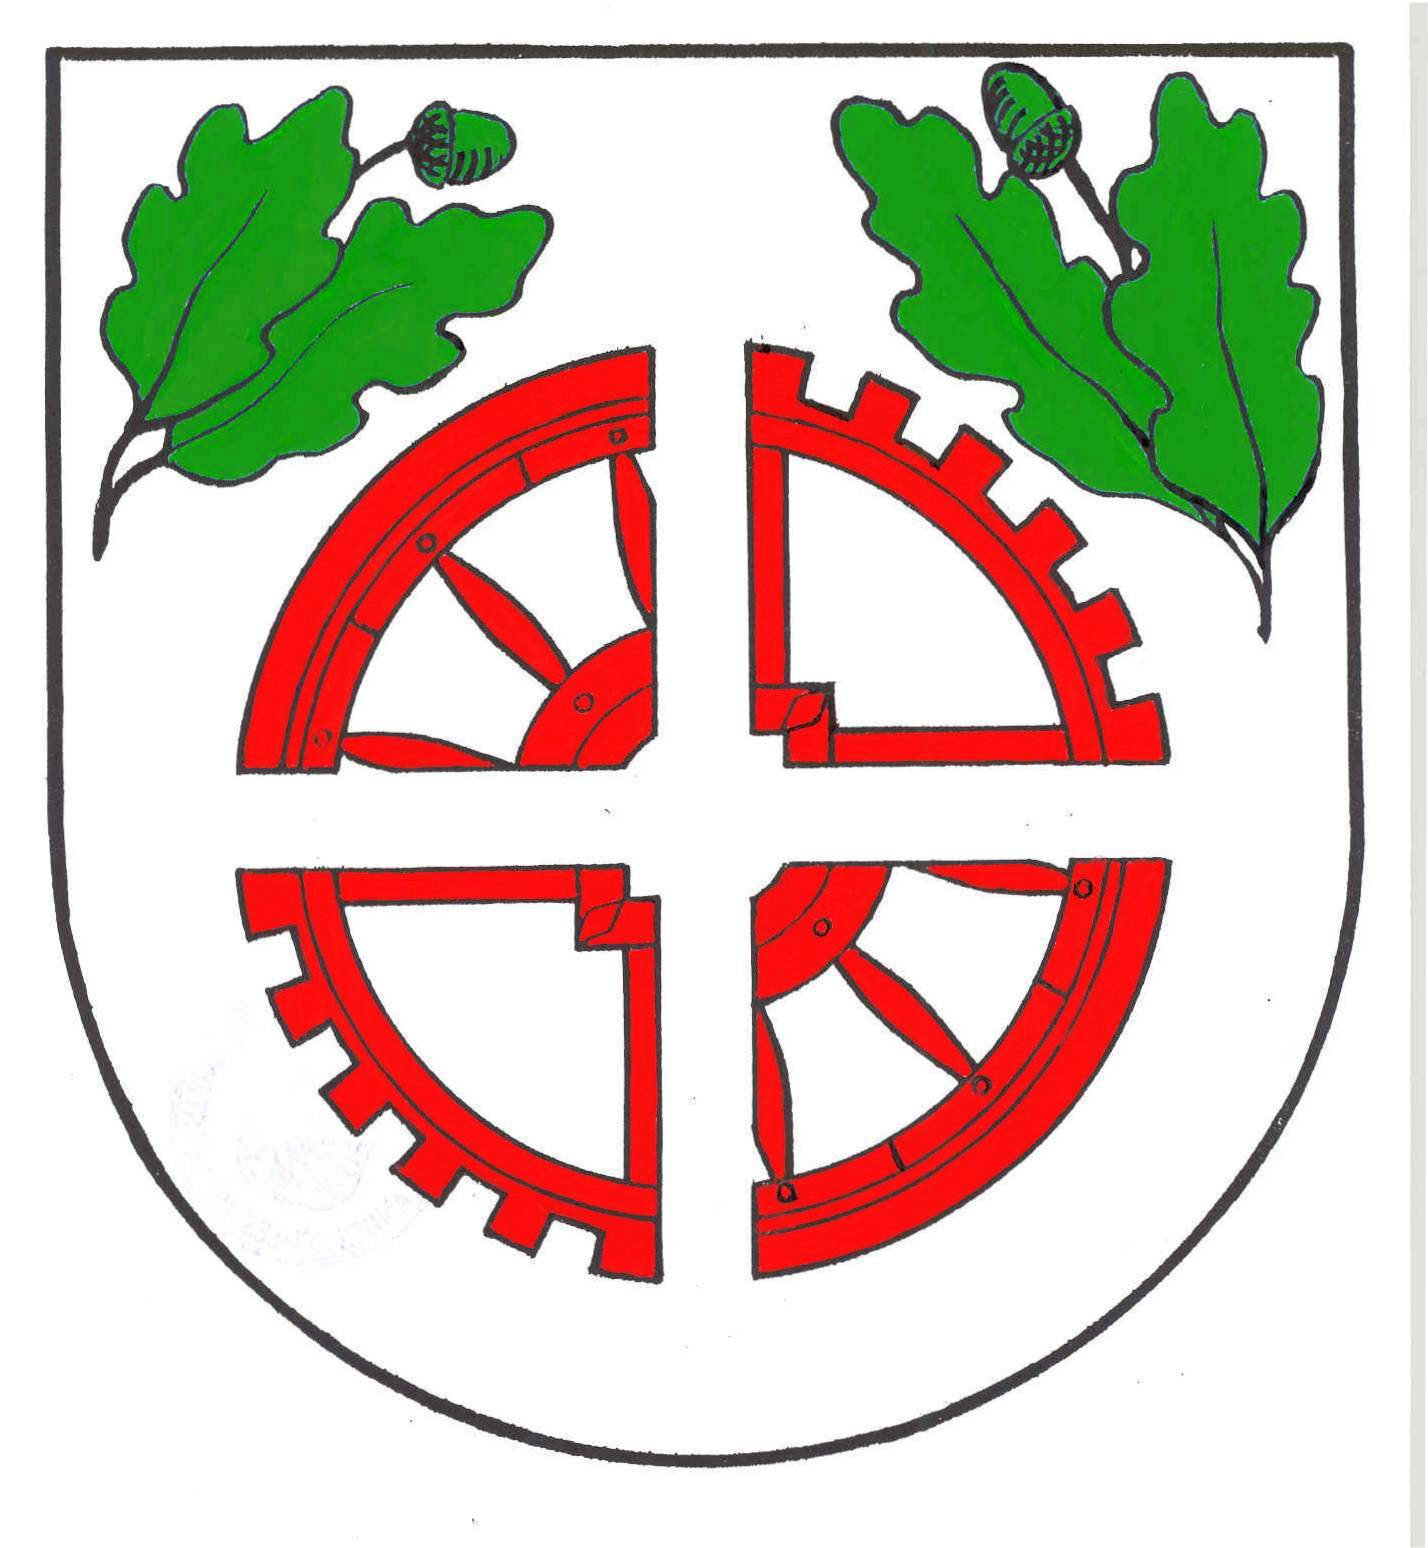 Wappen GemeindeOsdorf, Kreis Rendsburg-Eckernförde